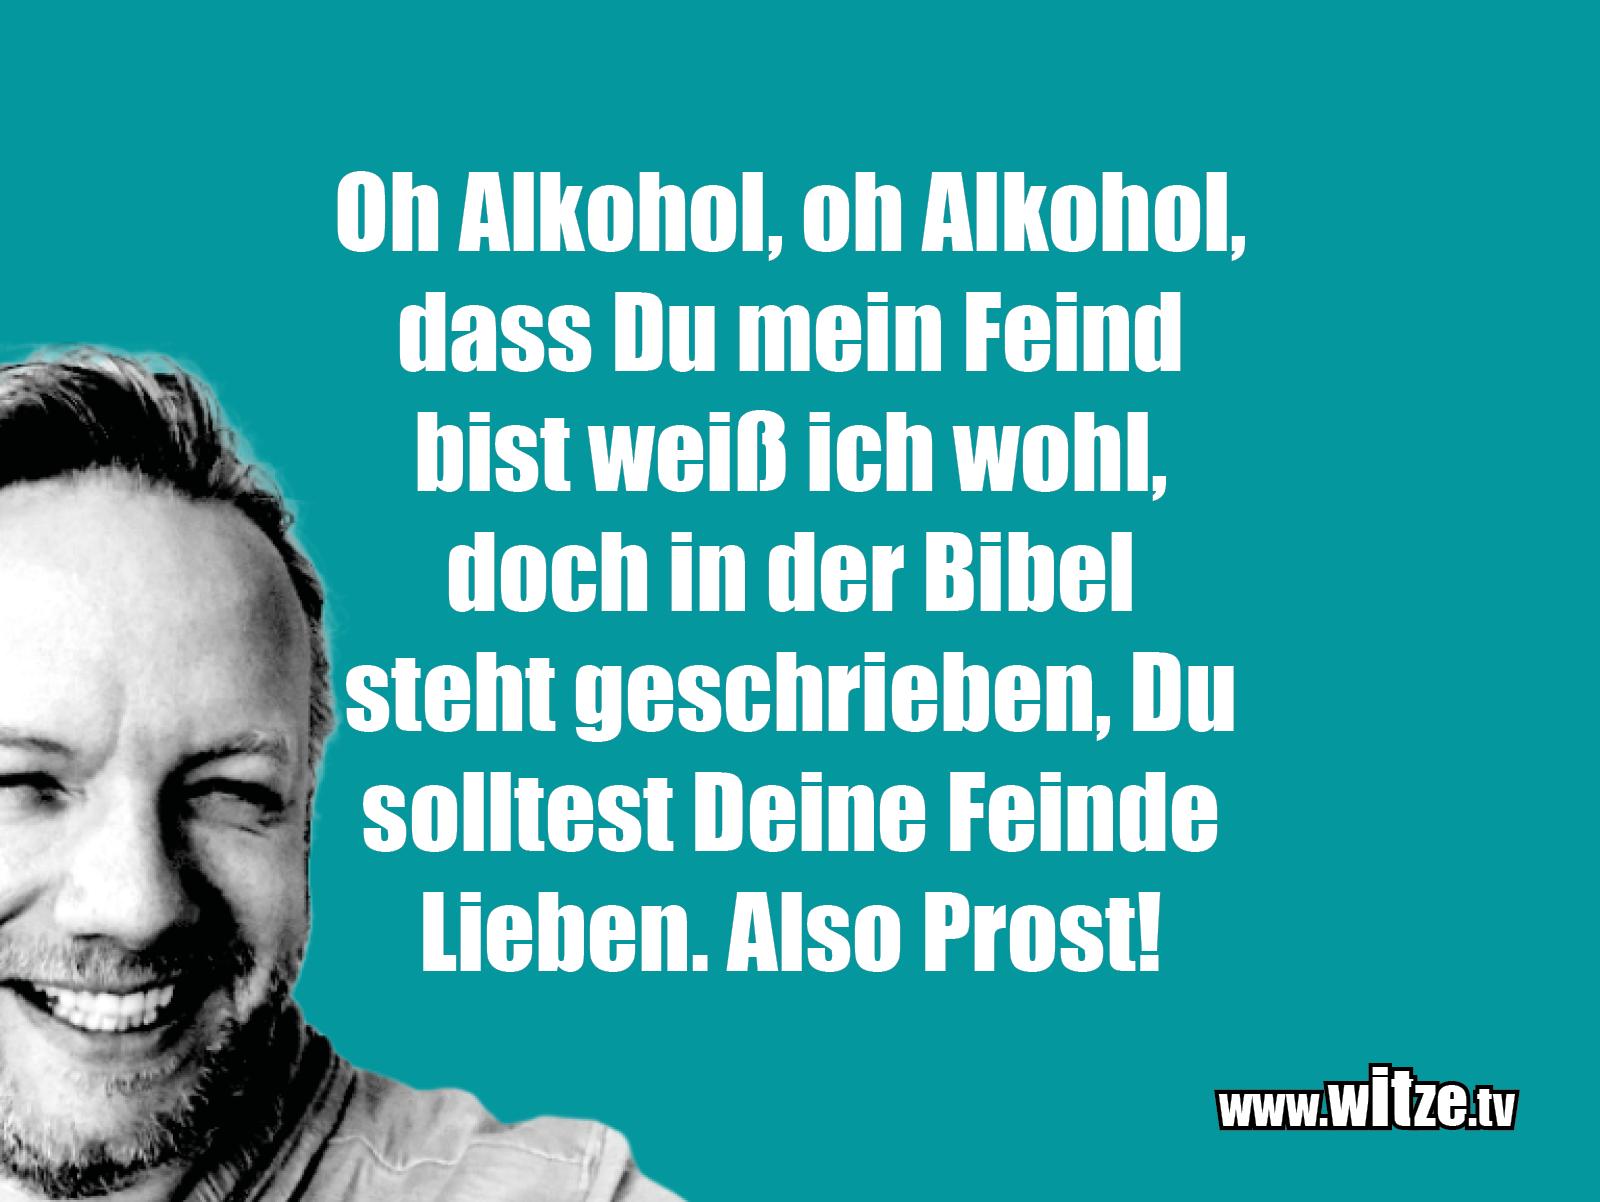 Das ist Humor... Oh Alkohol, oh Alkohol, dass du mein Freund...